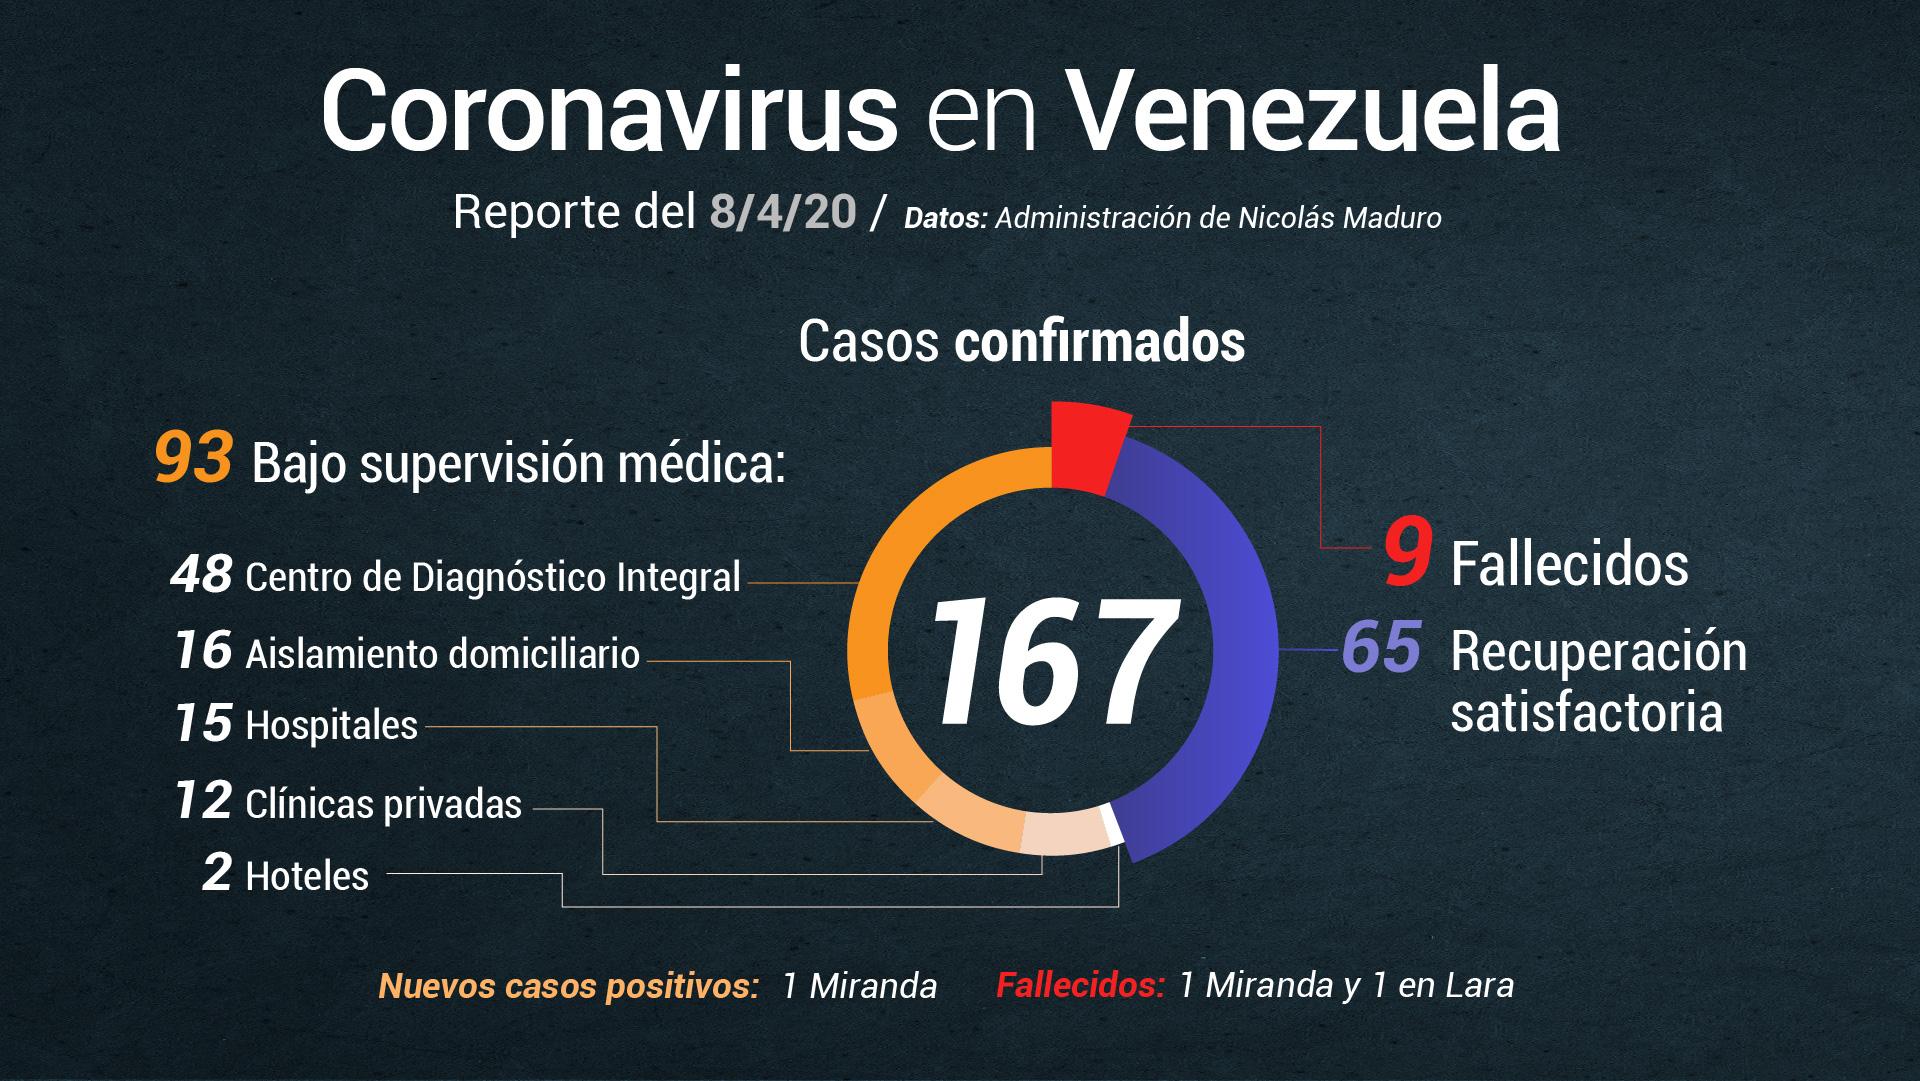 Nicolás Maduro reporta 2 fallecidos por COVID-19